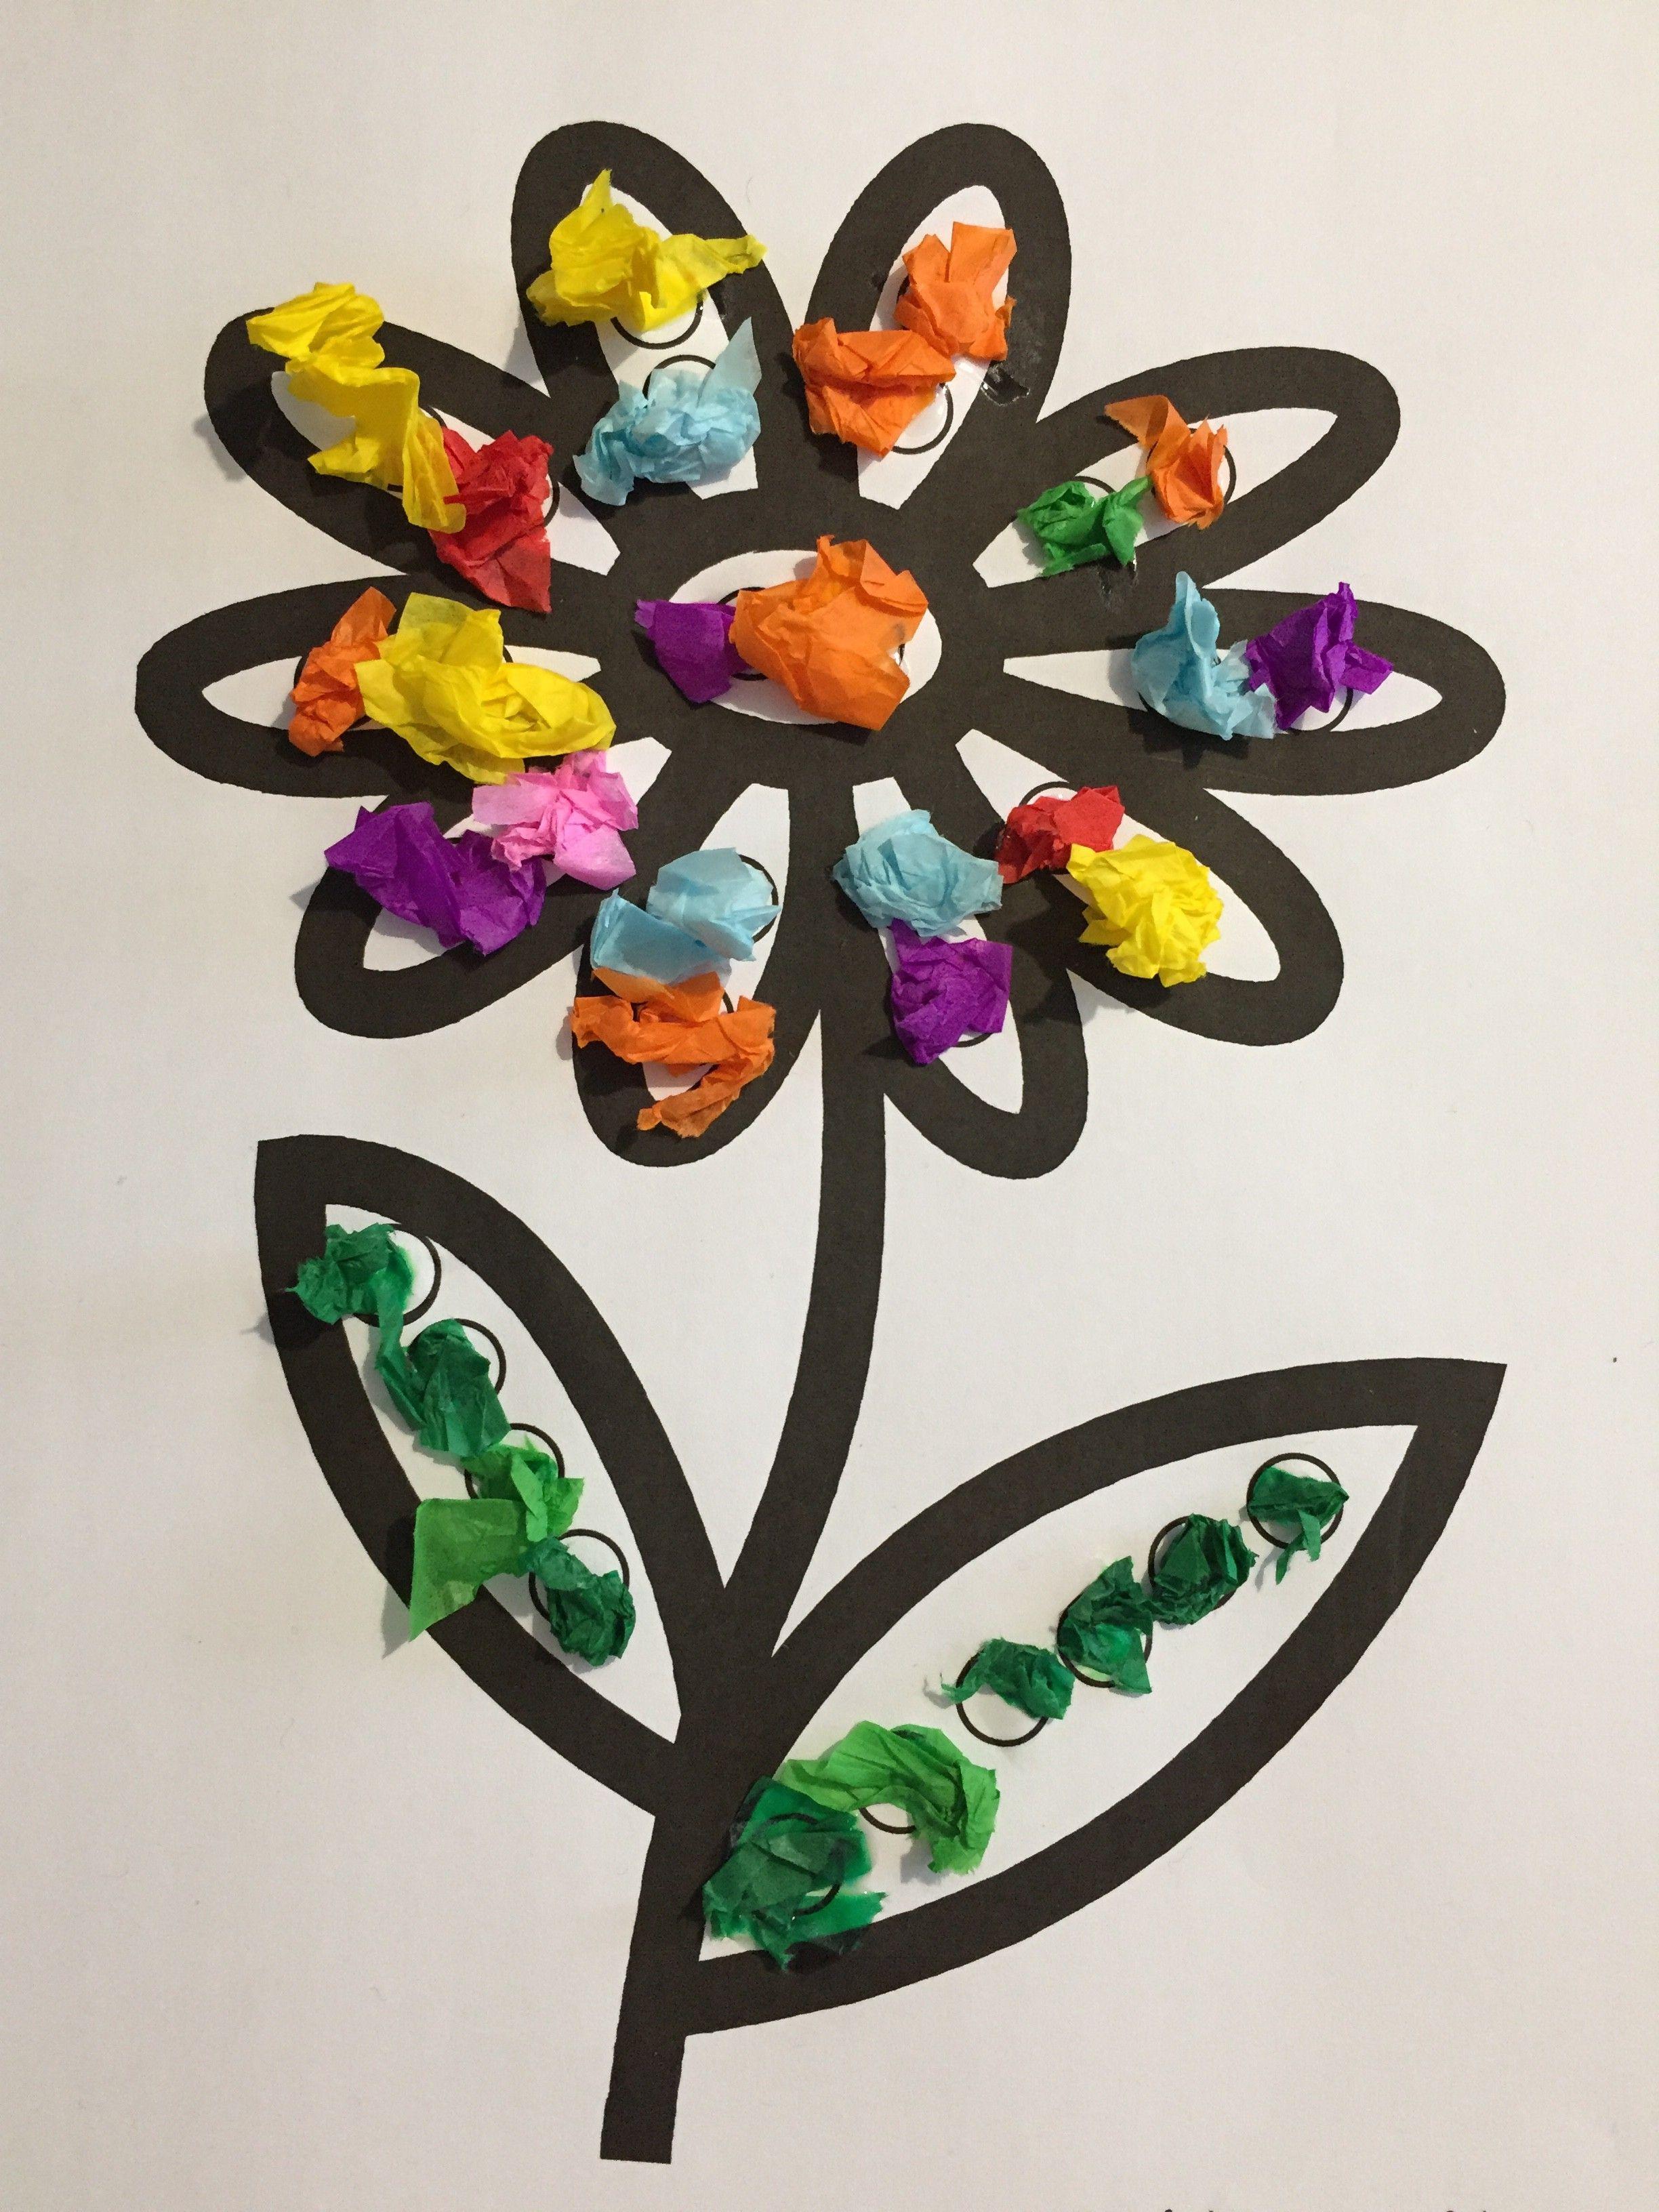 Comment Faire Des Arbres En Papier dedans l'arbre généalogique représente les membres qui composent la